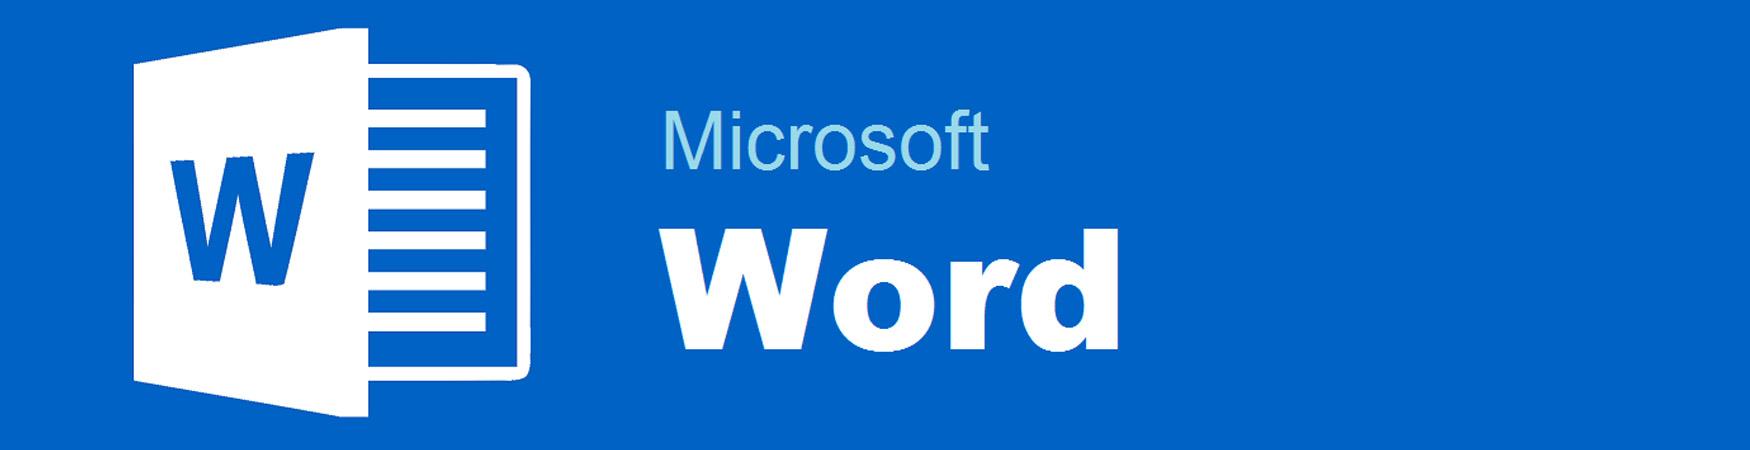 Курсы Microsoft Word для начинающих в Москве, Подмосковье и Одинцово